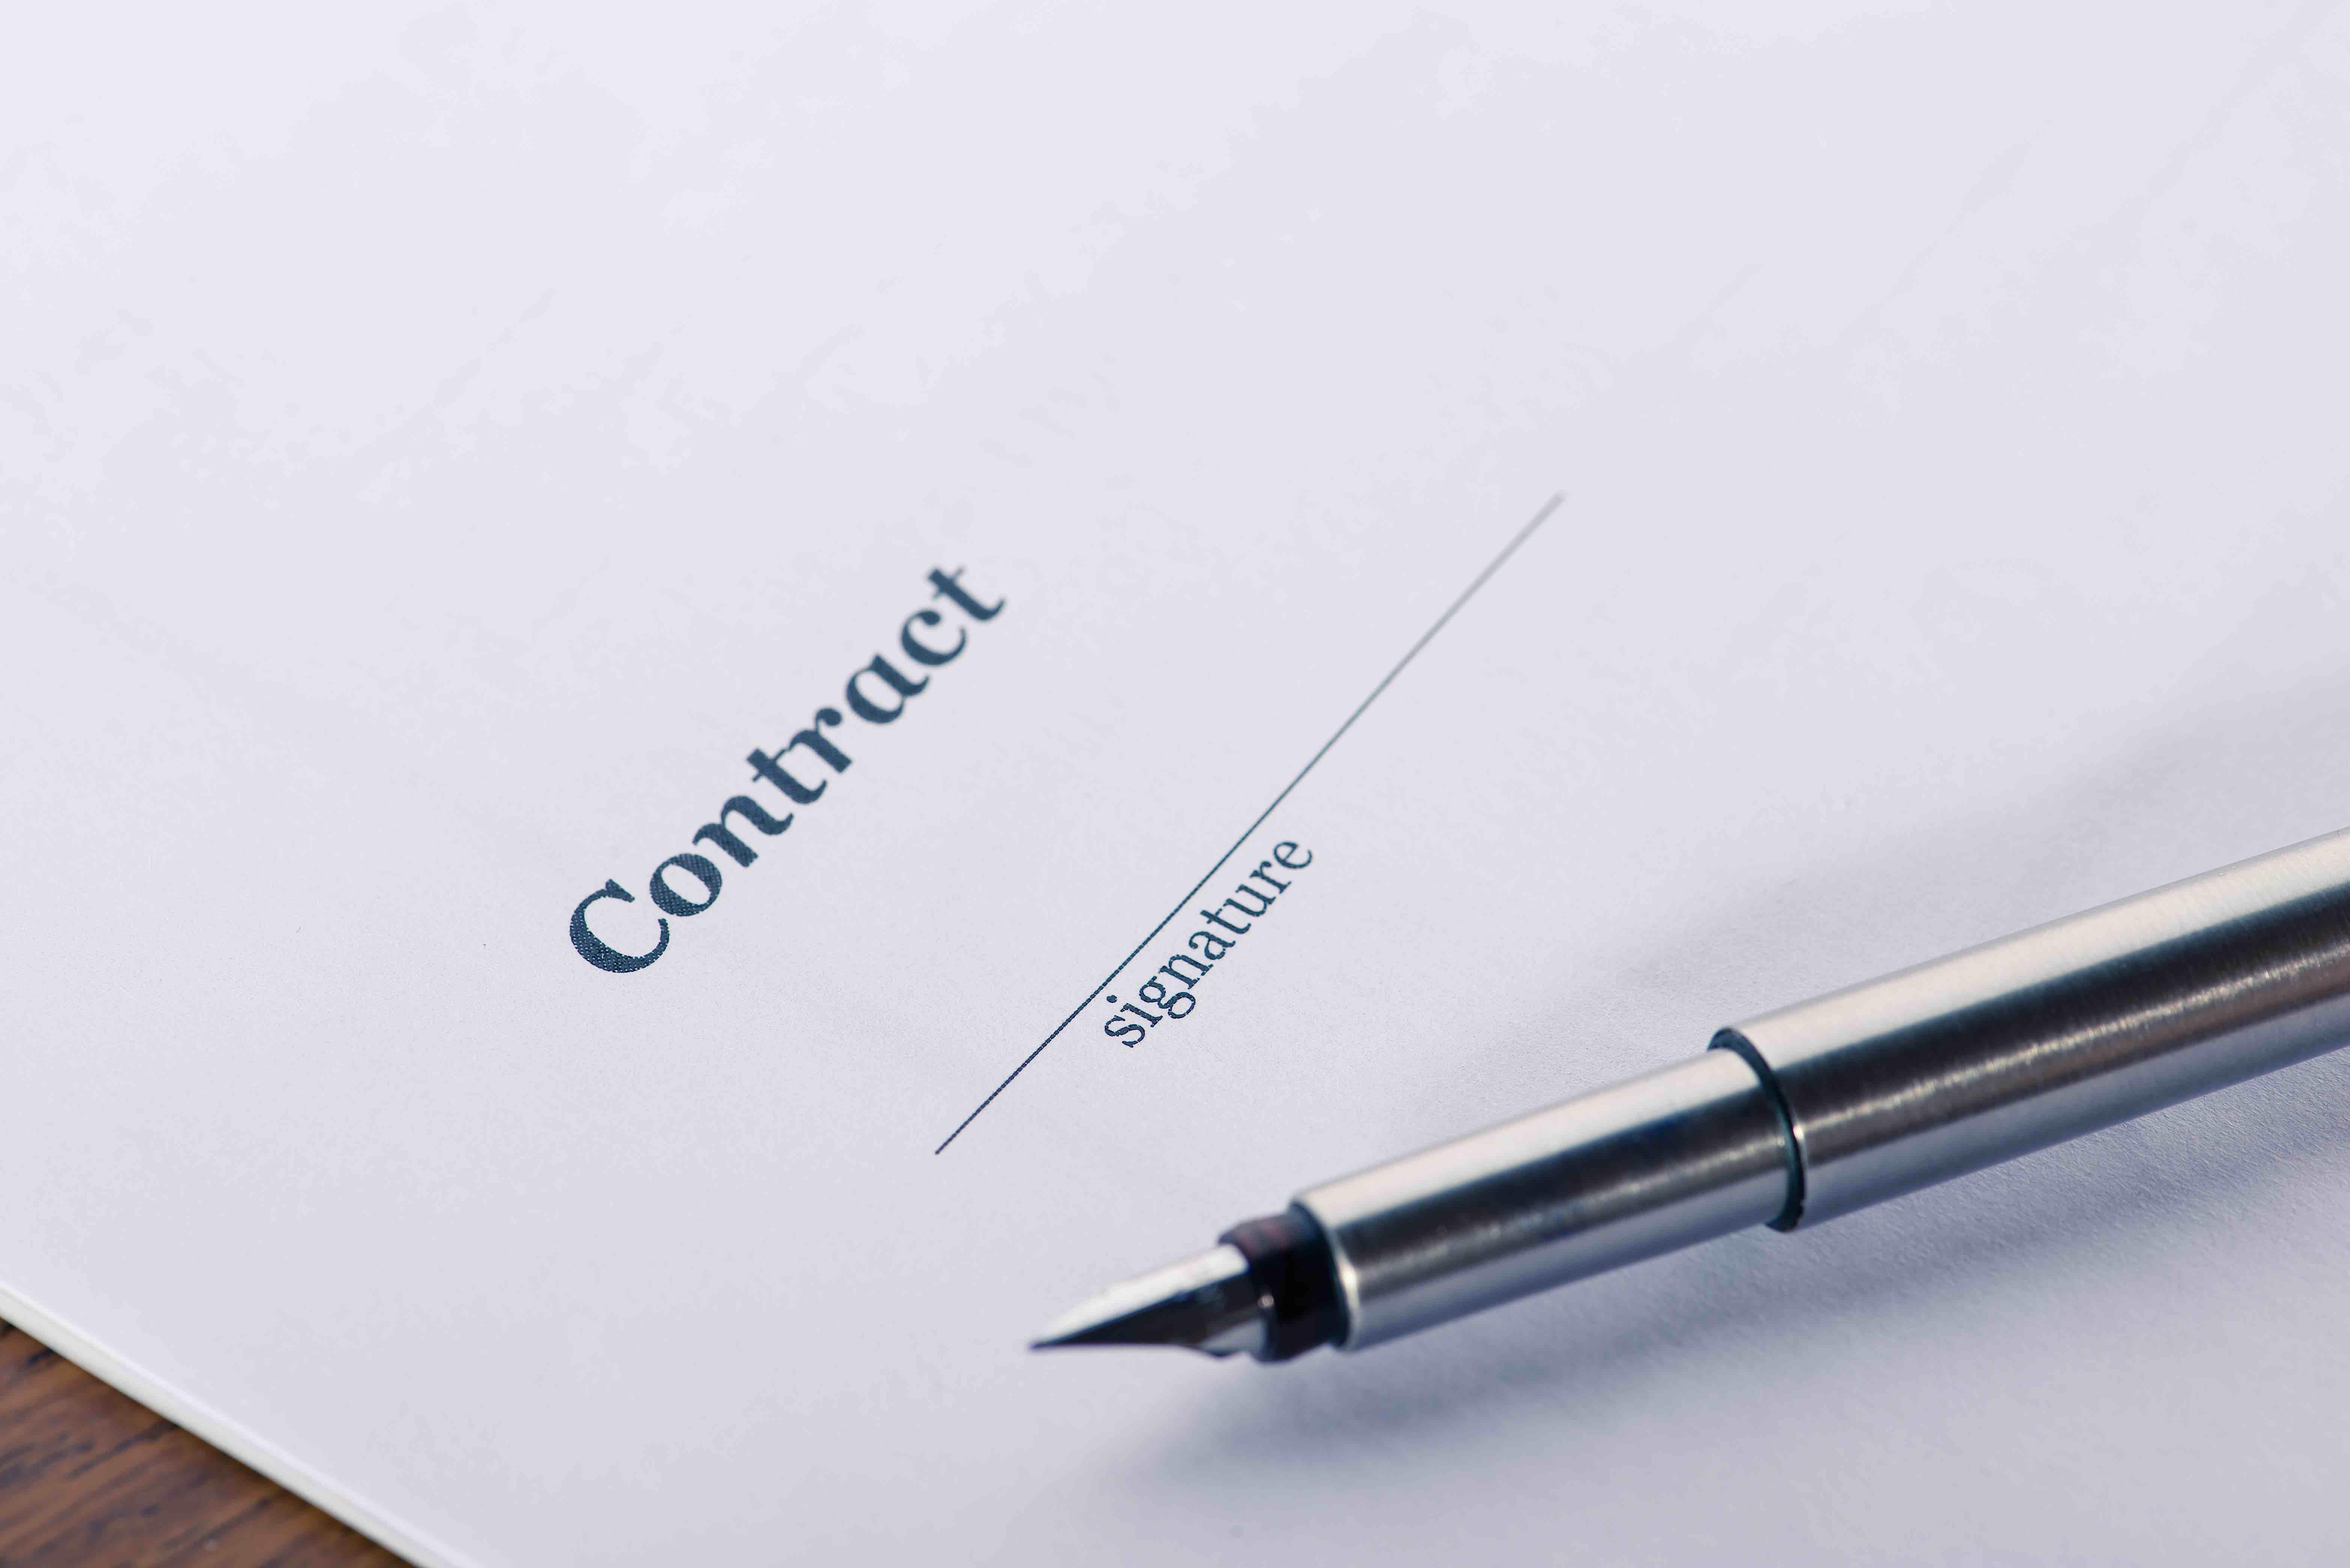 Loans for real estate investors